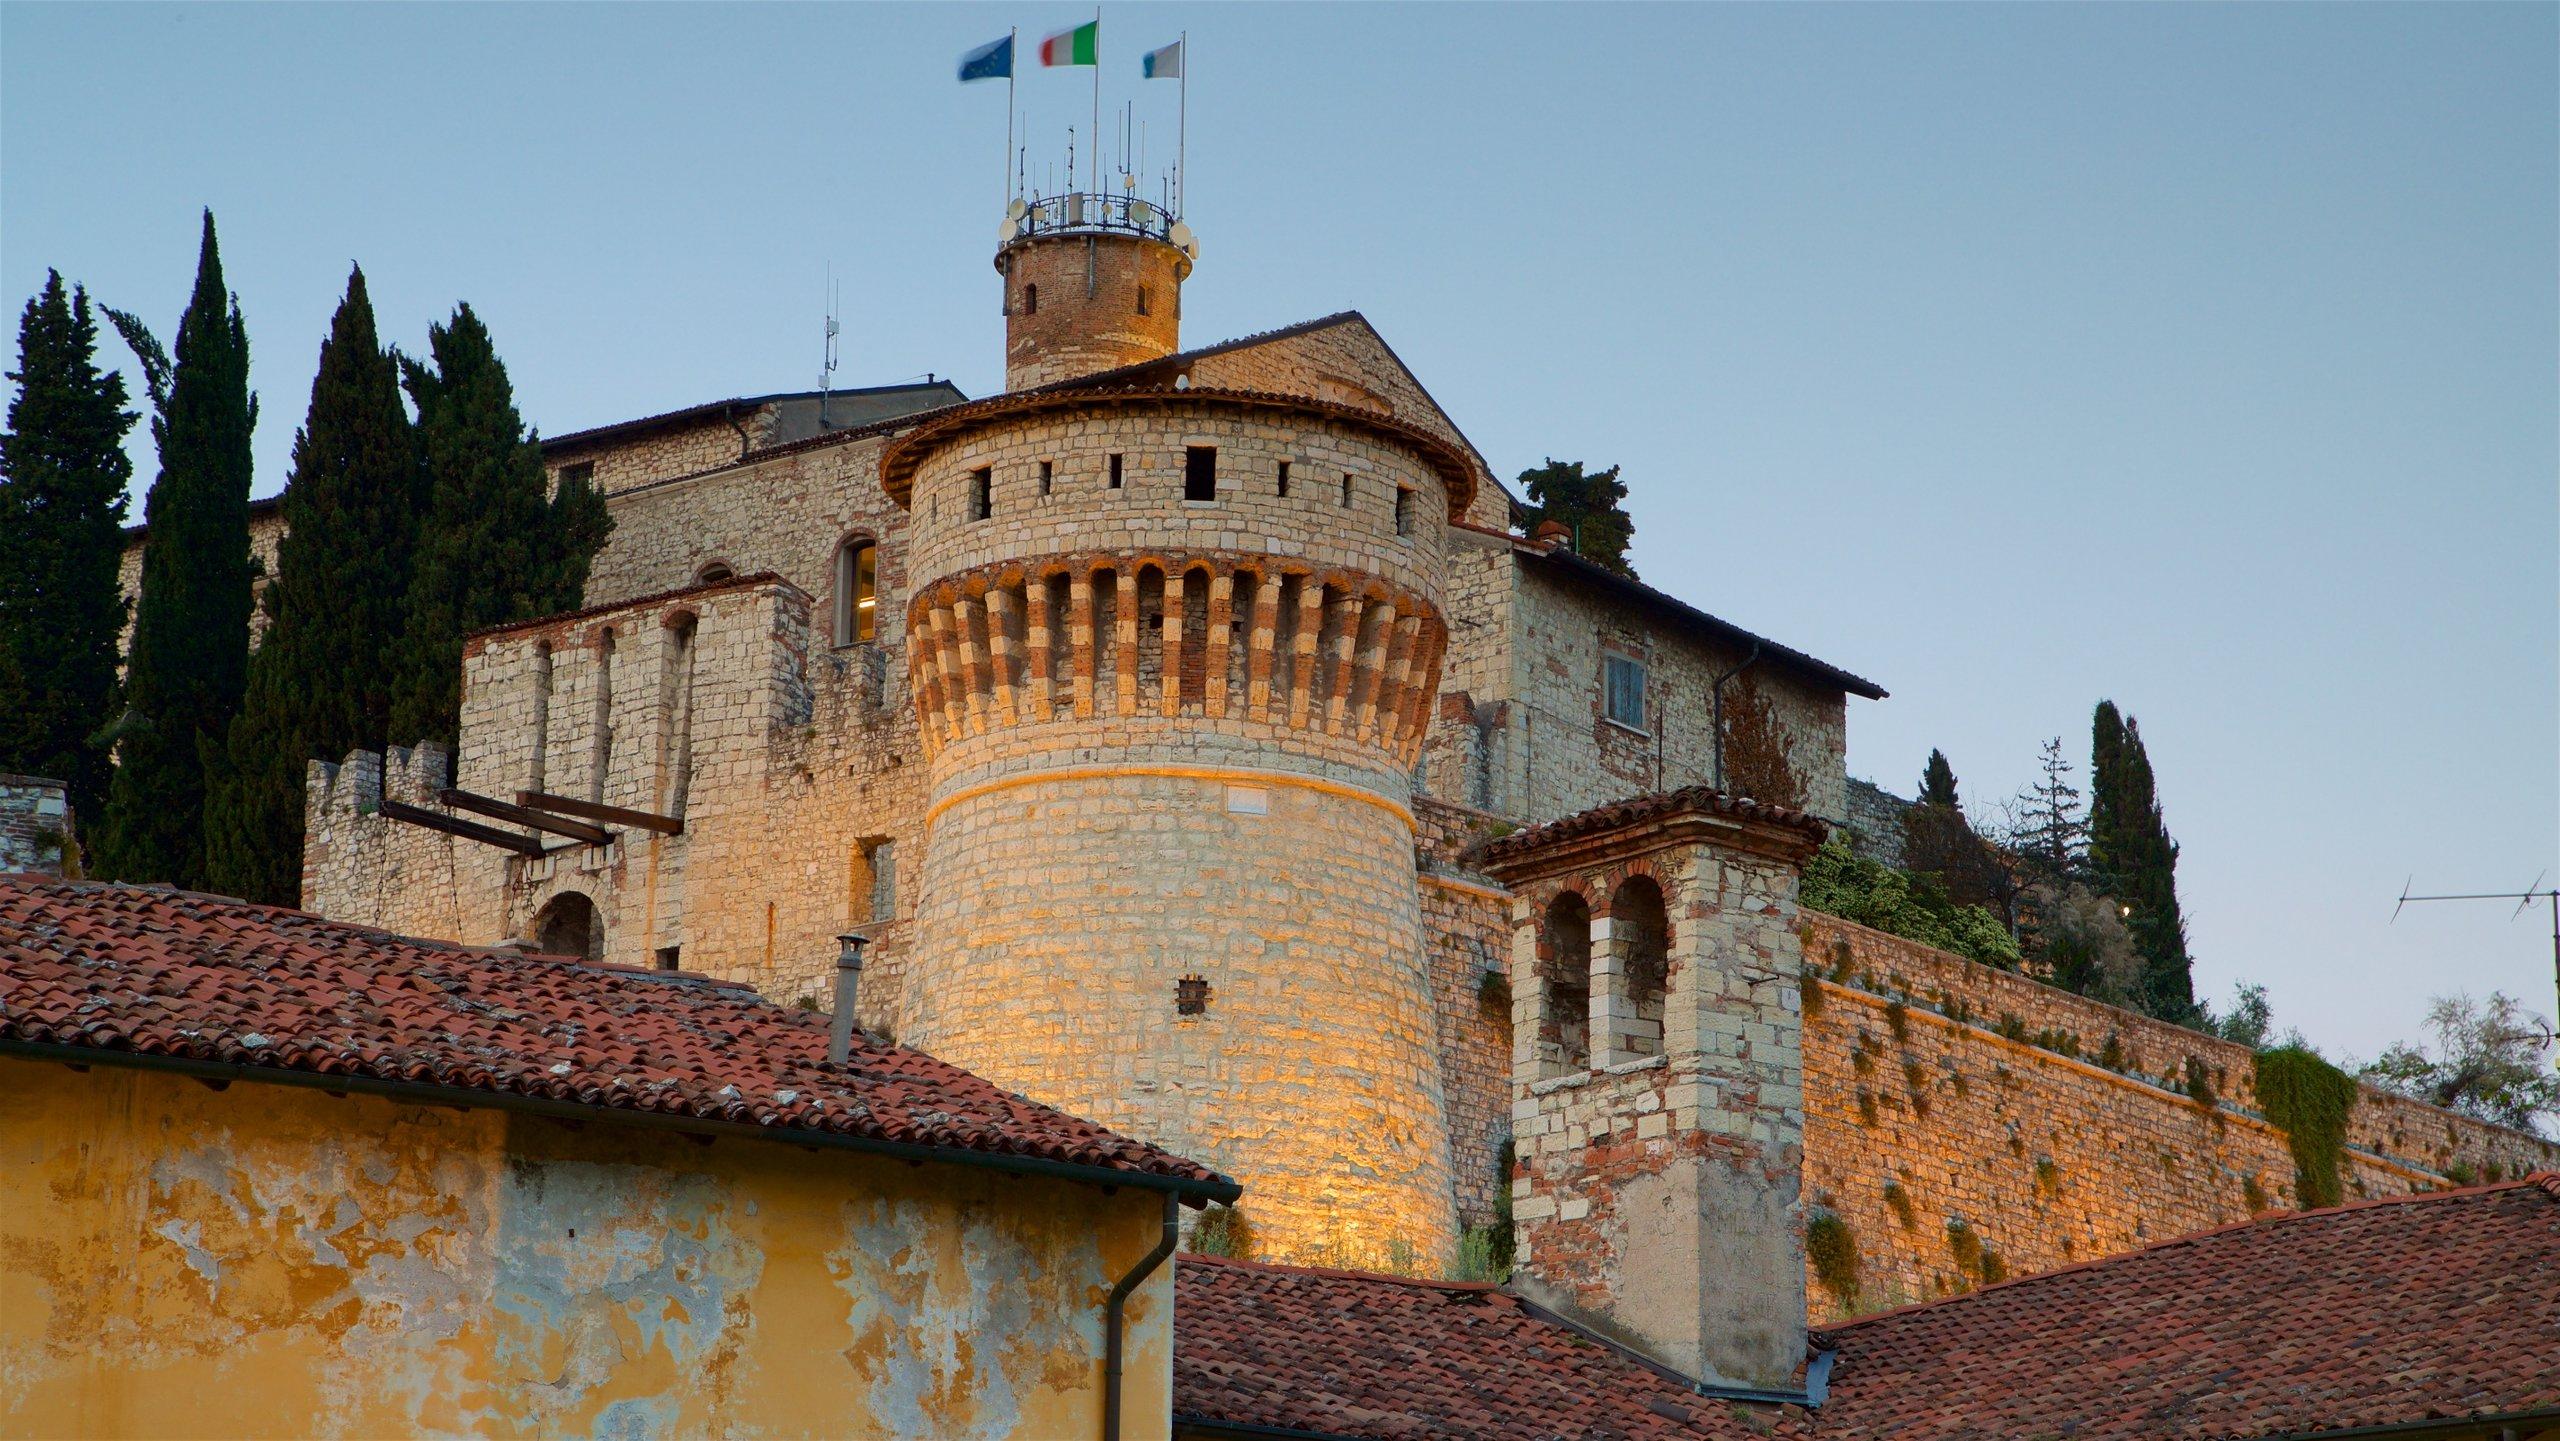 Brescia Castle, Brescia, Lombardy, Italy